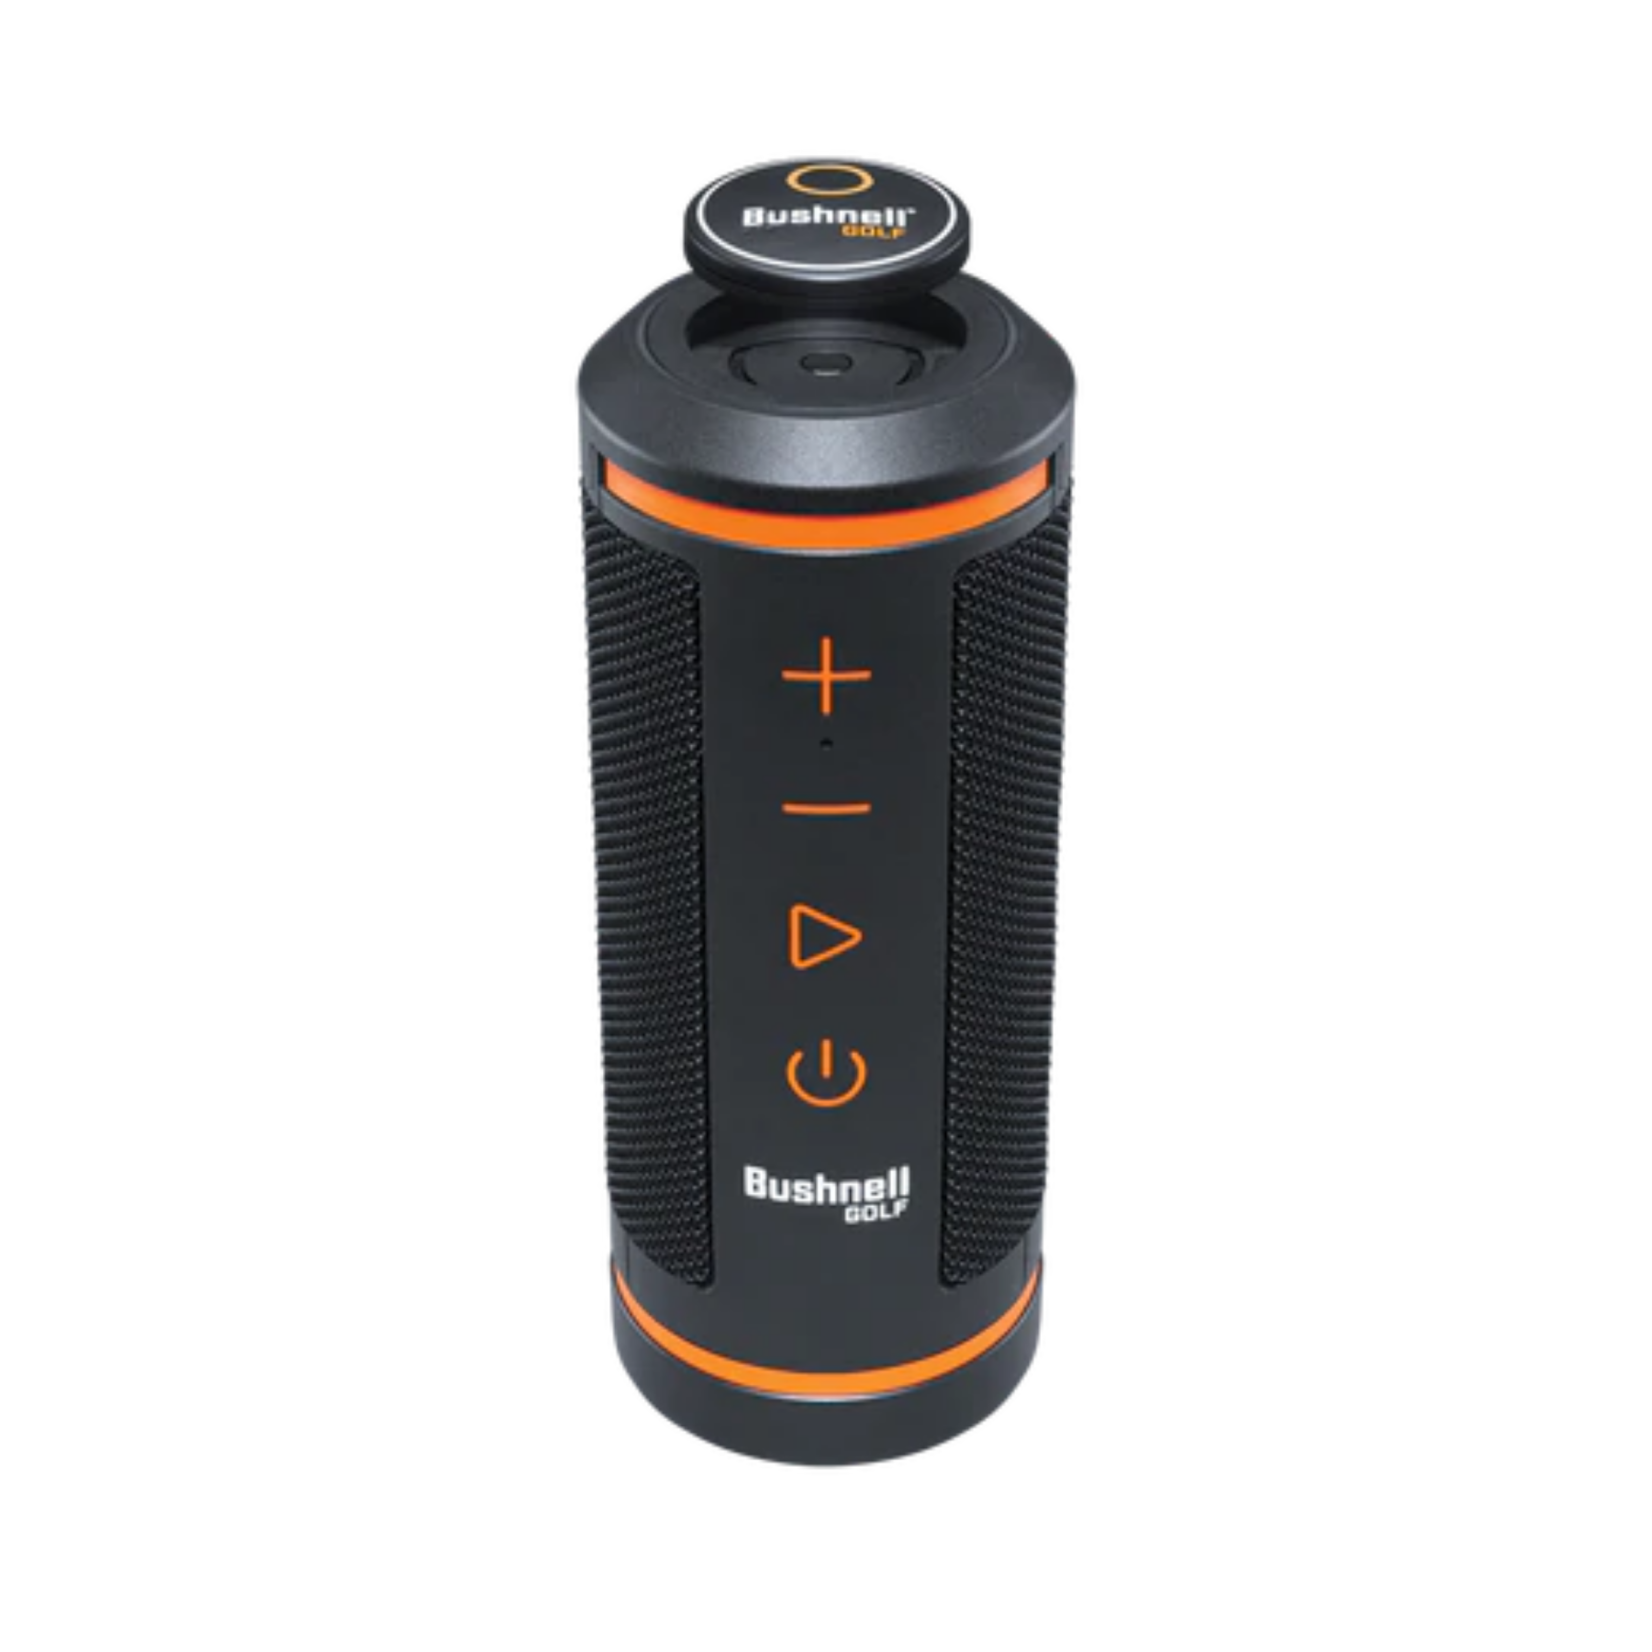 Bushnell Wingman Black Golf Speaker/GPS 361910